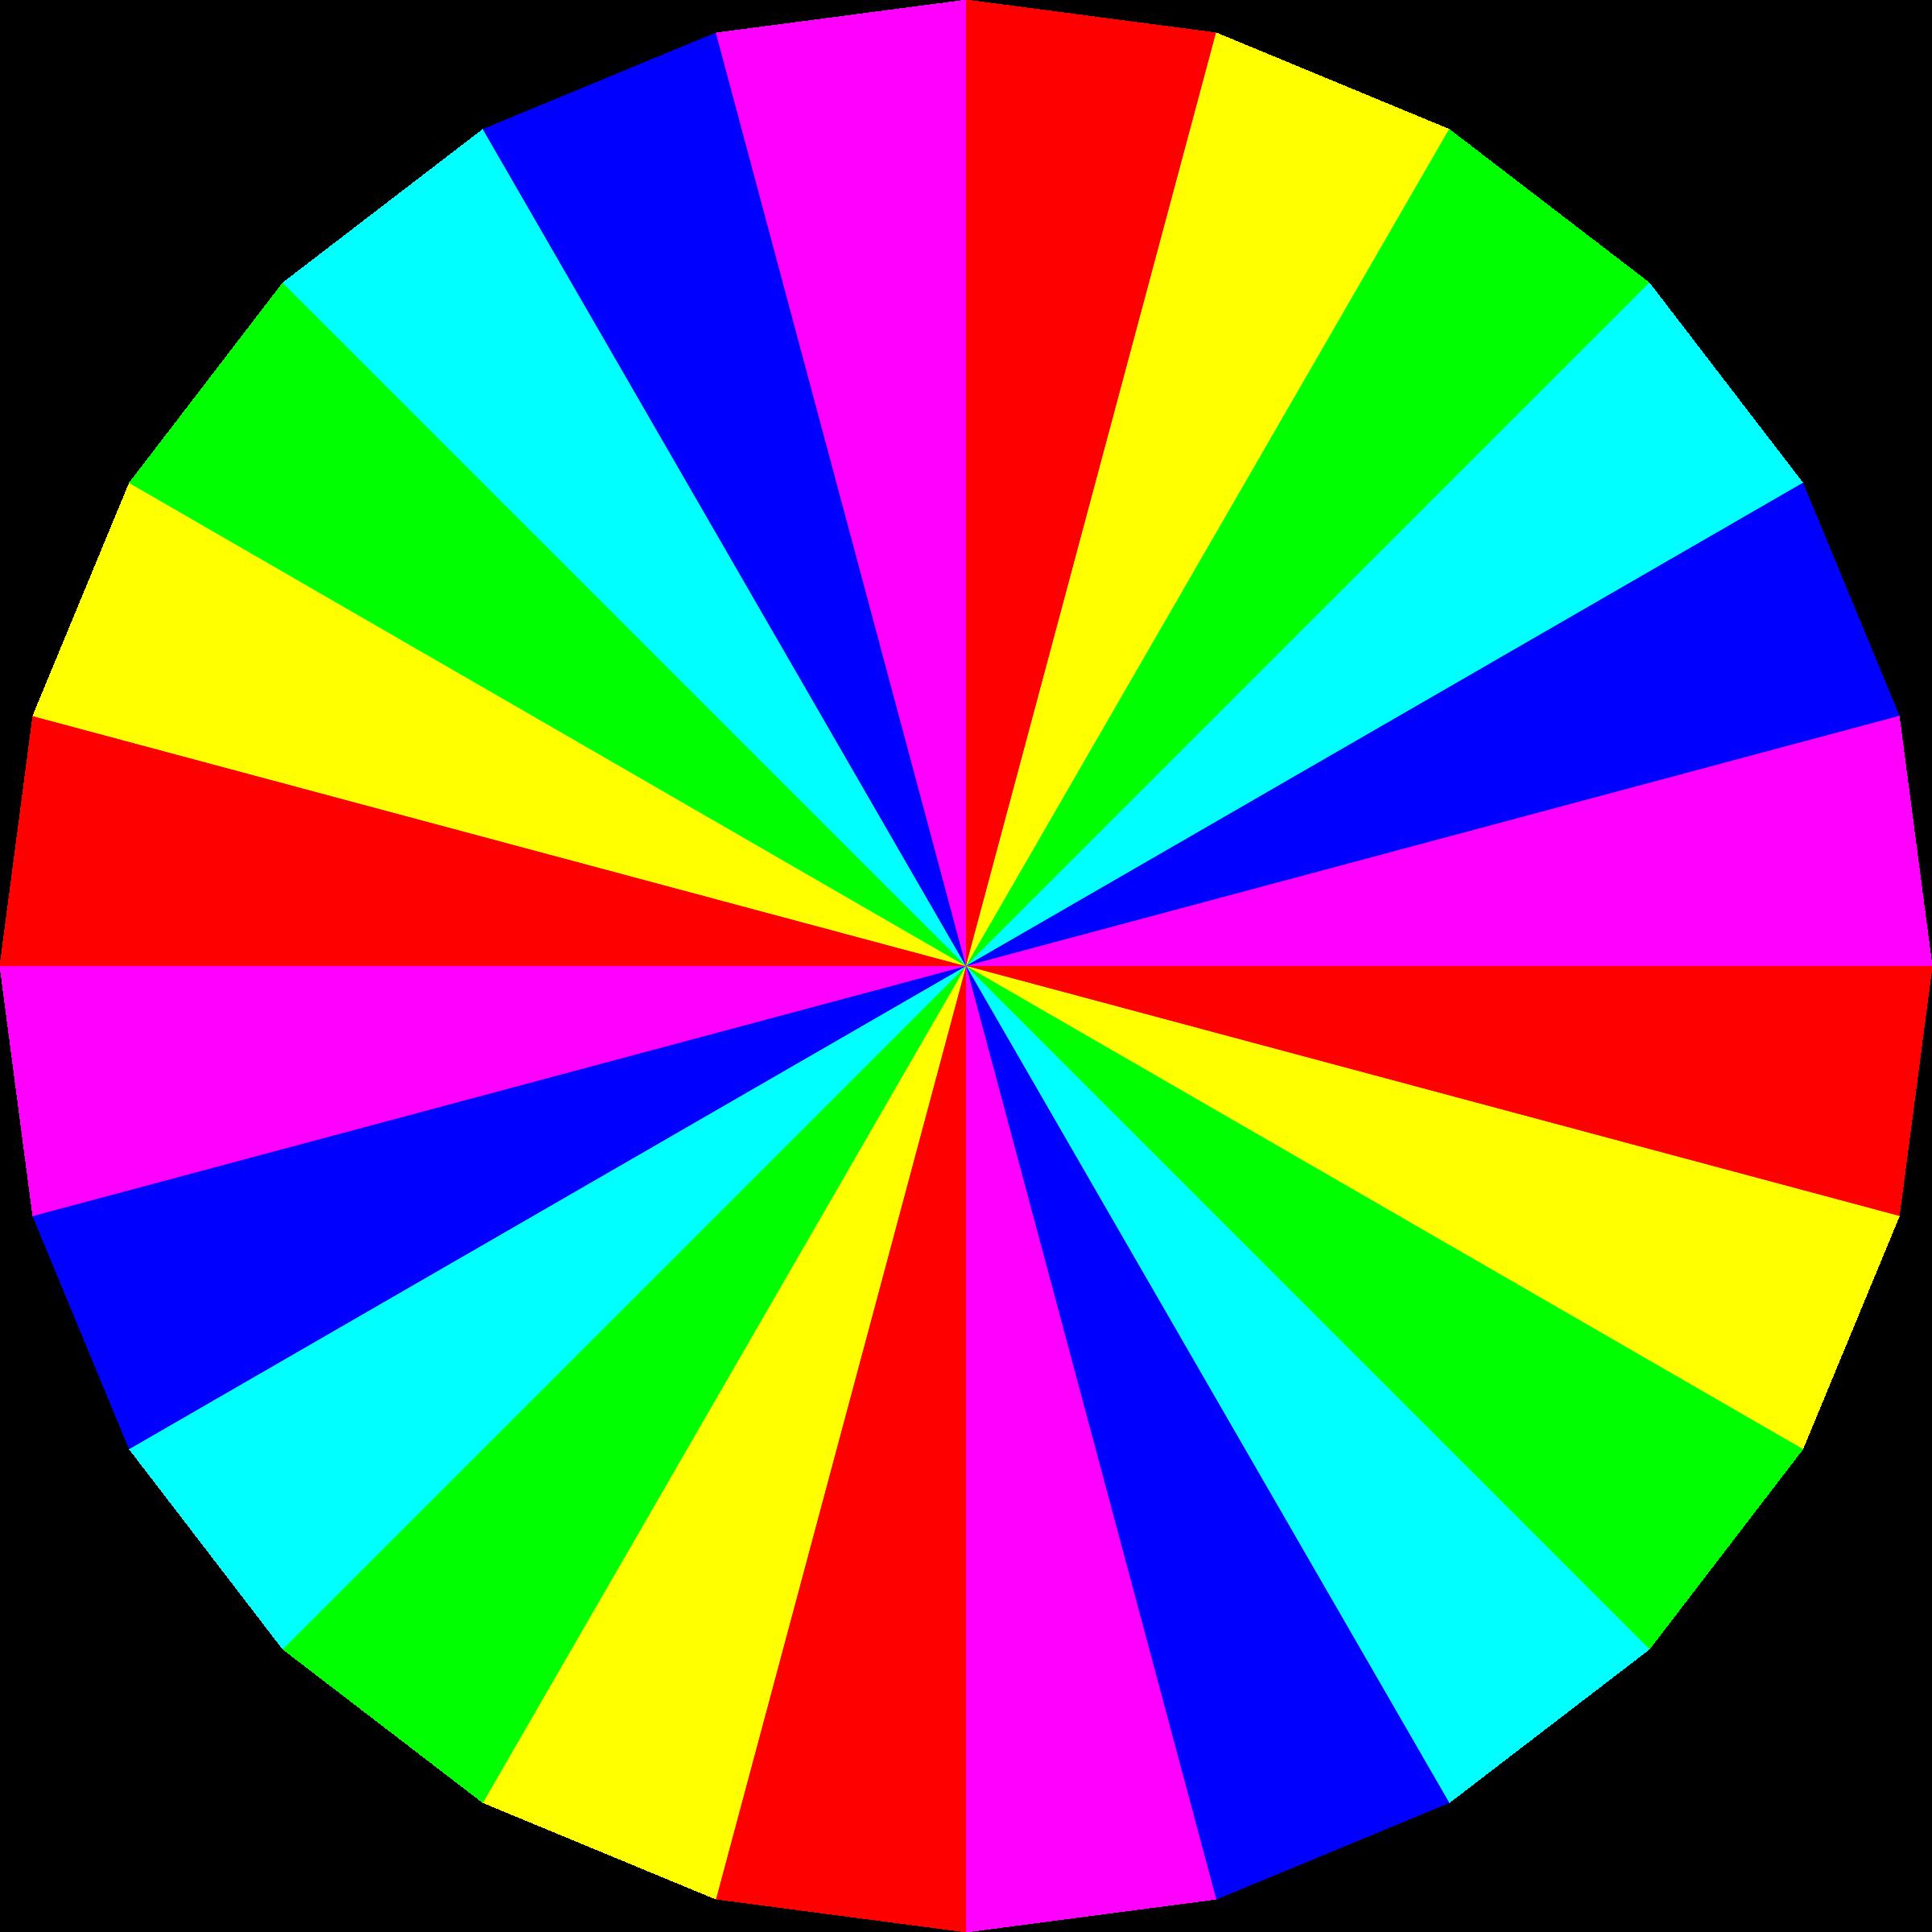 продаже круг разноцветный картинка поражает разнообразие таких